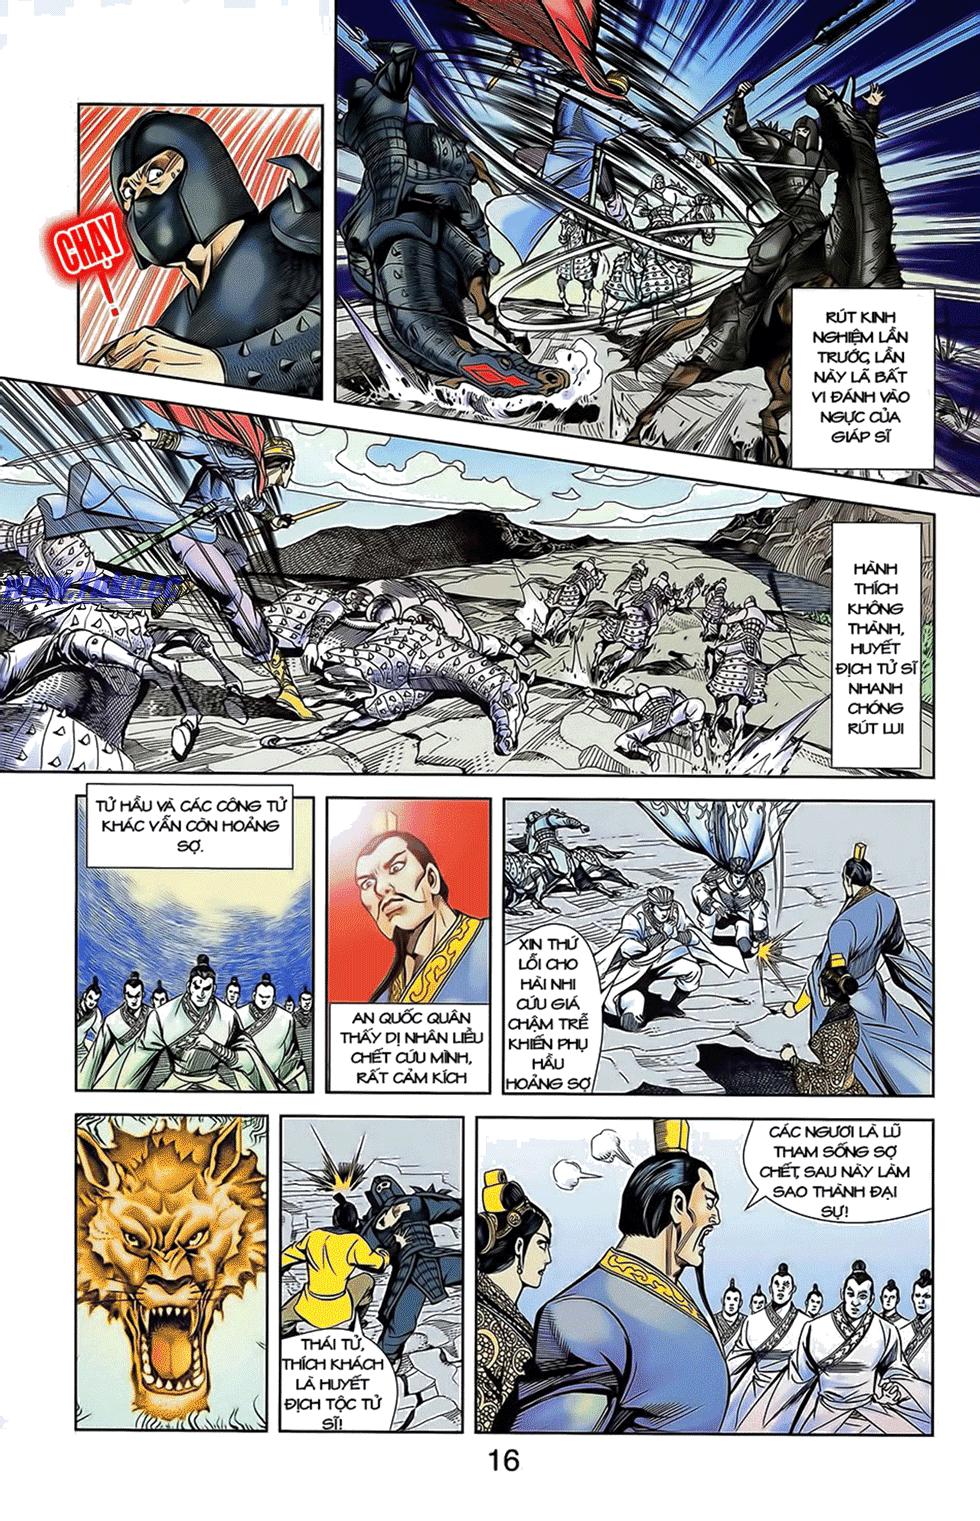 Tần Vương Doanh Chính chapter 12 trang 7